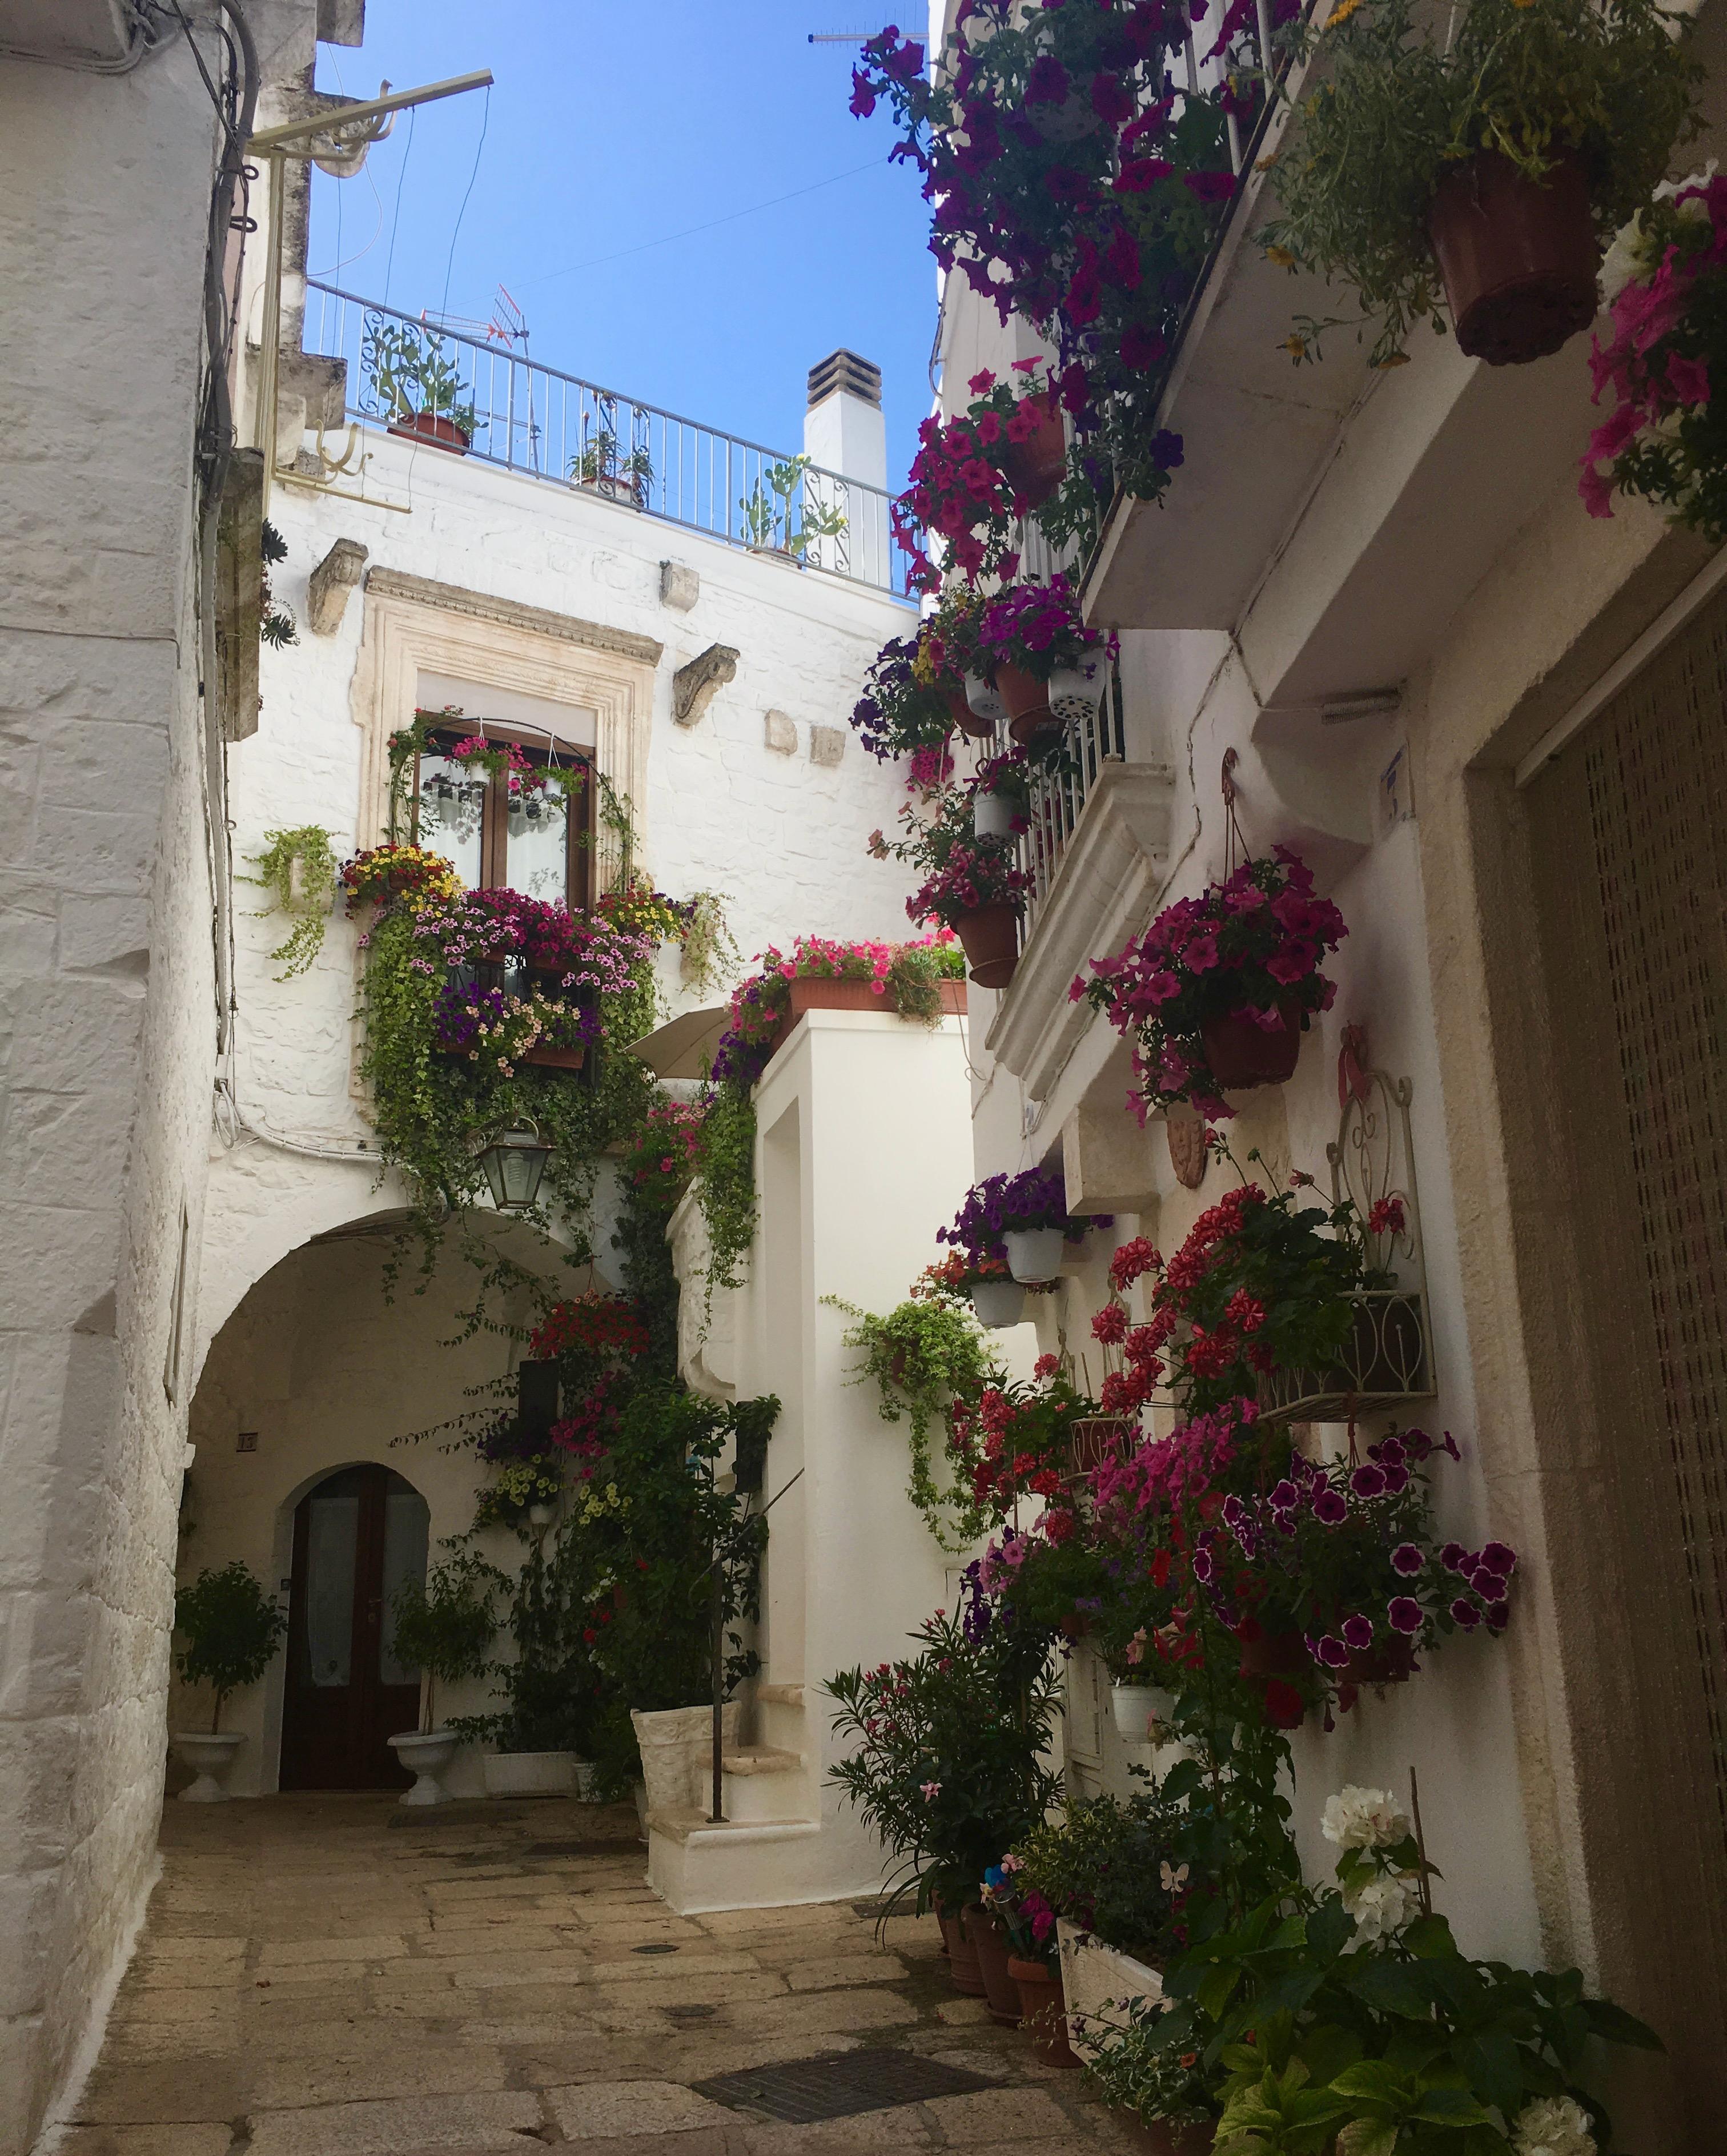 Cisternino zwiedzanie uliczek przyozdobionych kwiatami